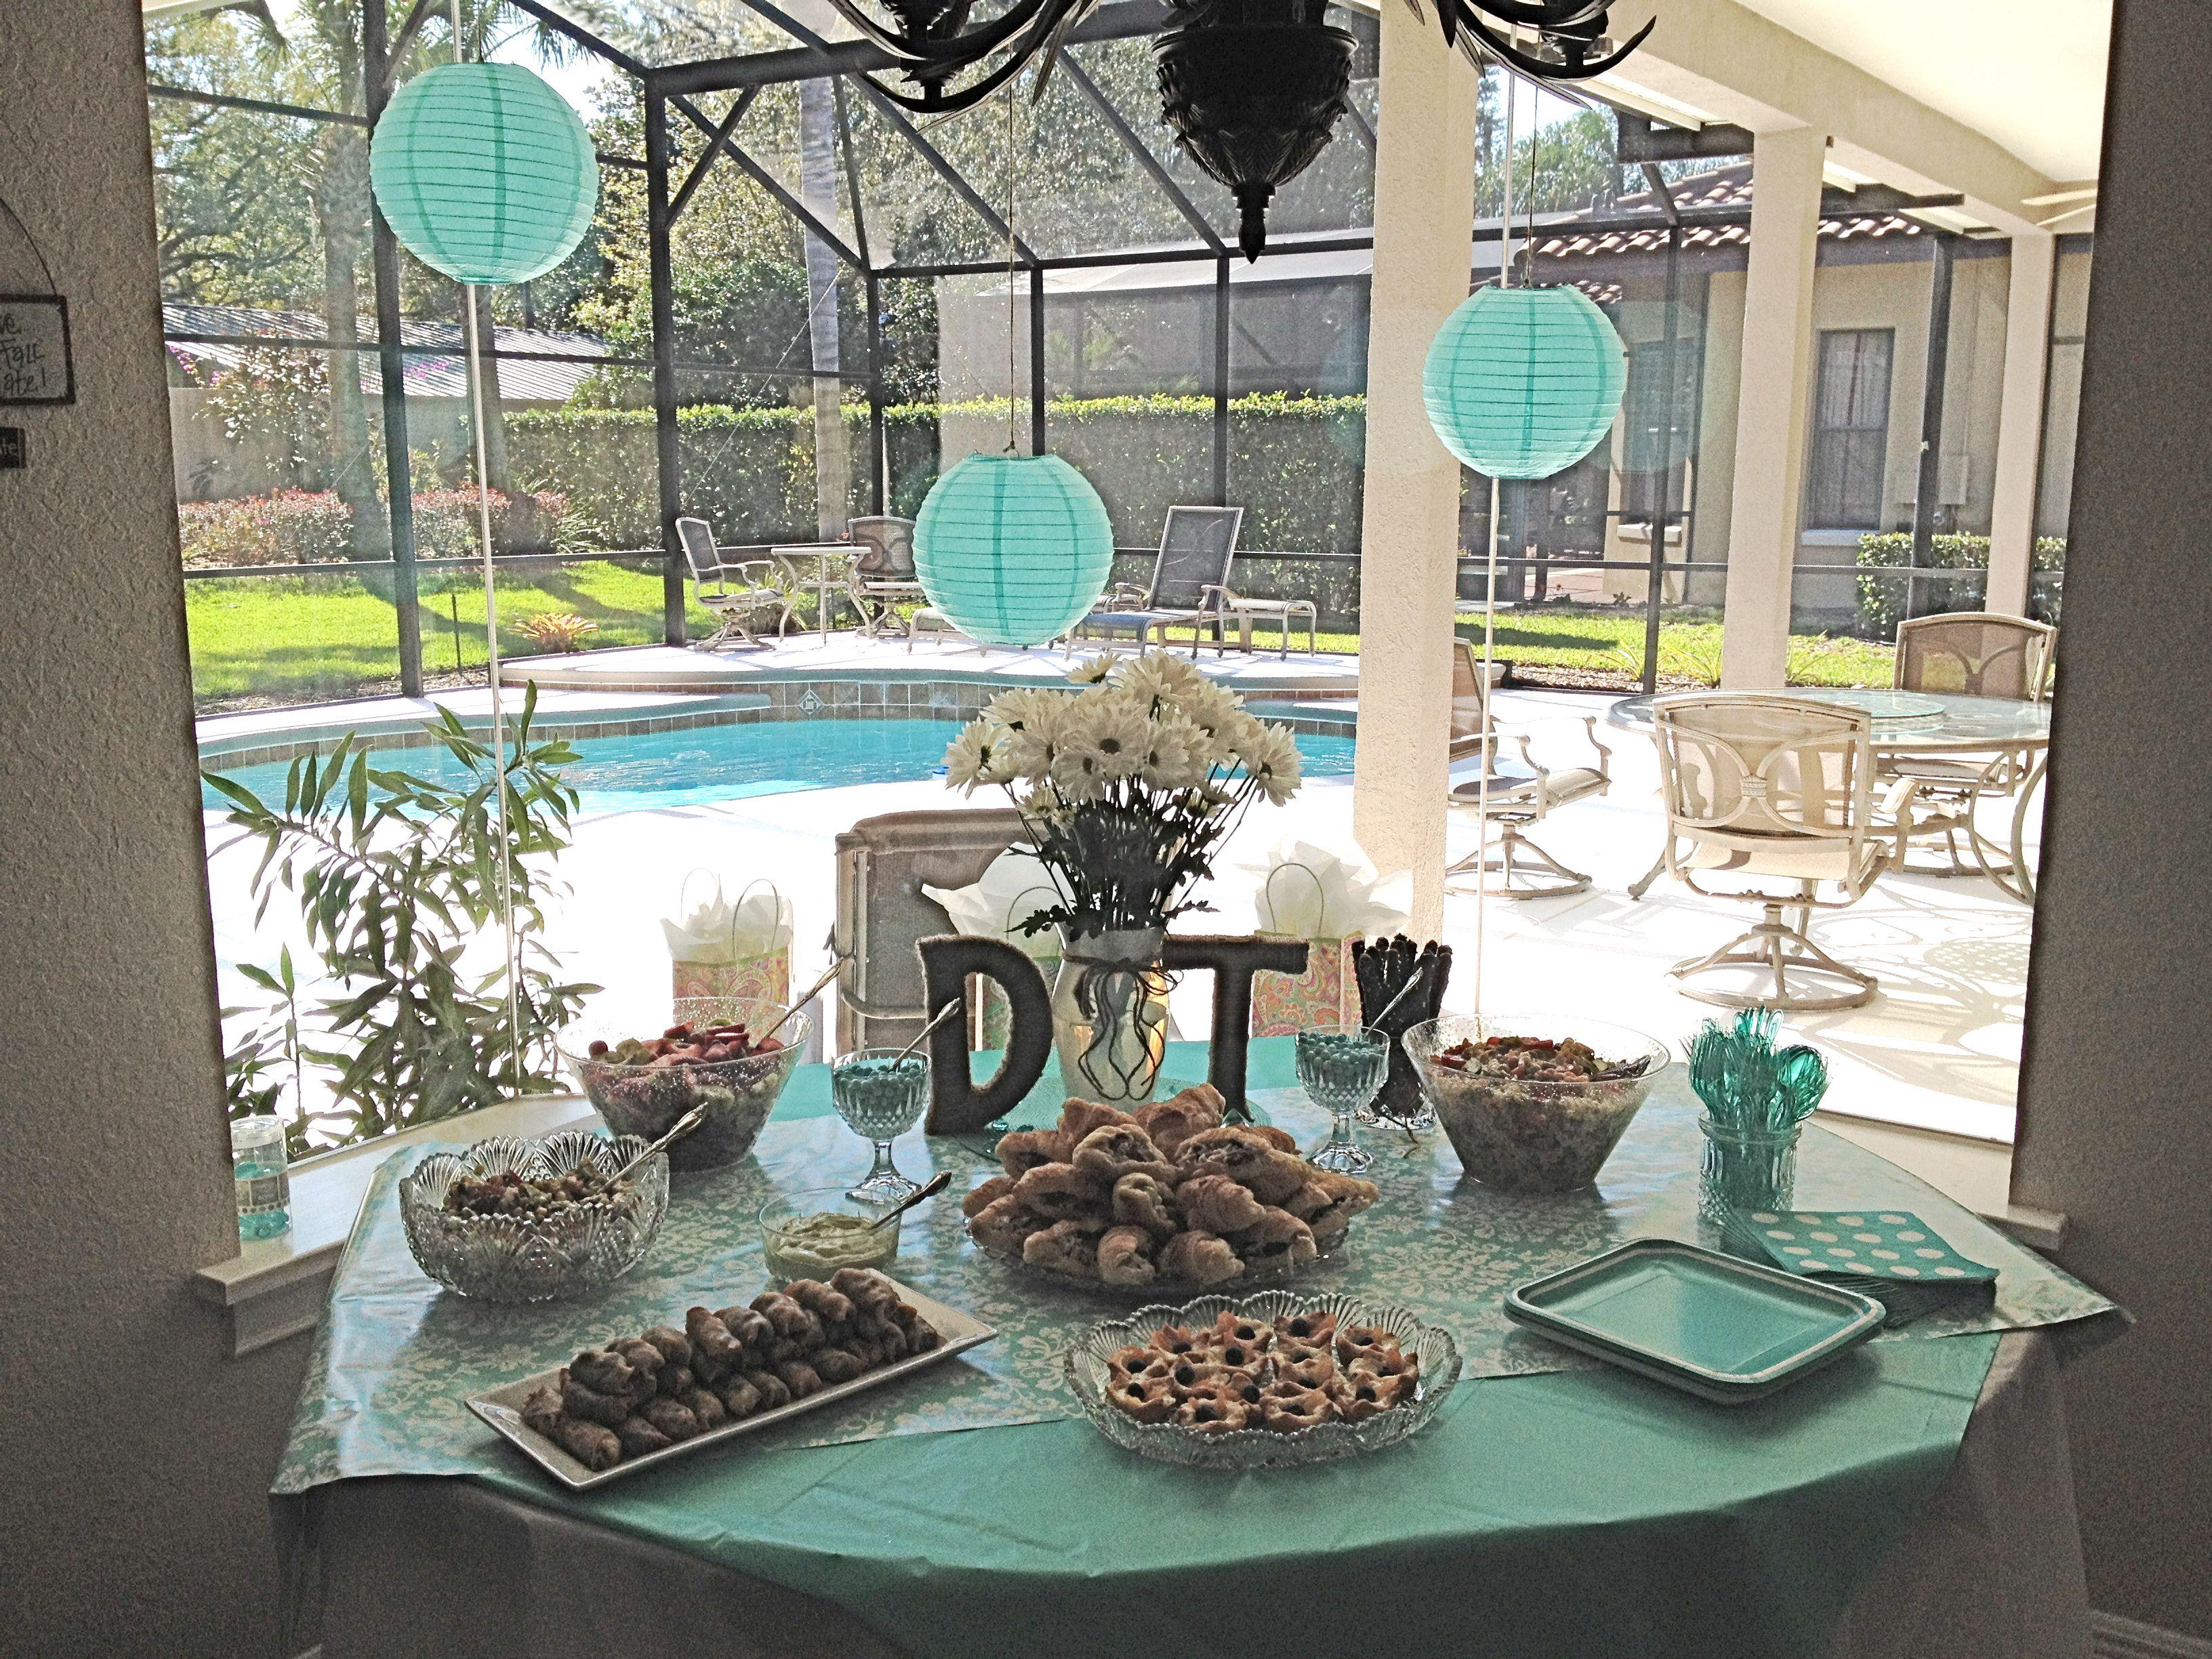 Pinterest Bridal Shower: Bridal Shower Table Set Up. Pinterest In Action! Made